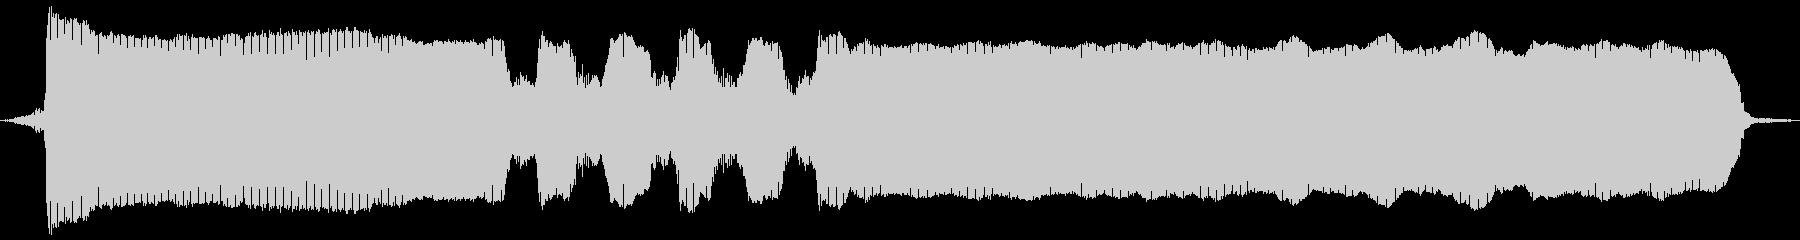 こぶし01(G)の未再生の波形